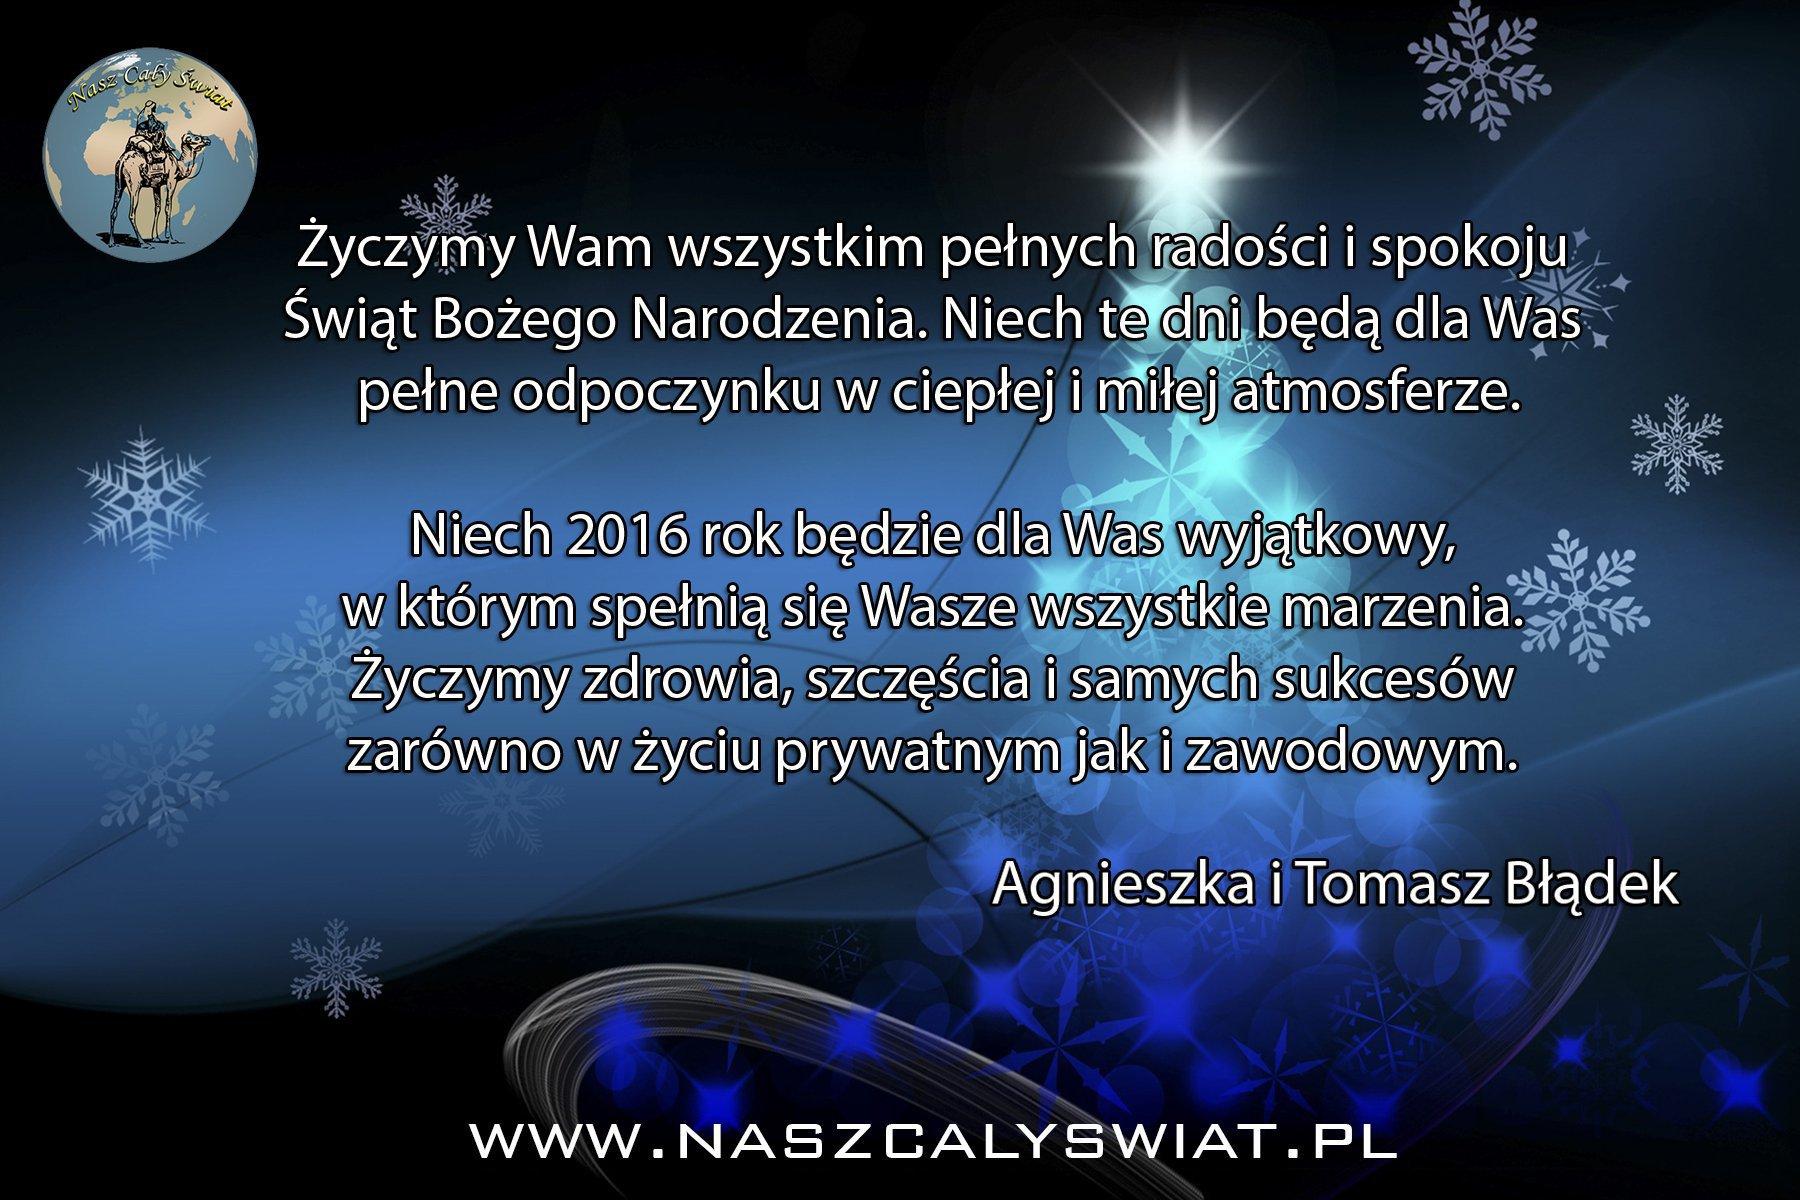 Życzenia świąteczno-noworoczna 2015